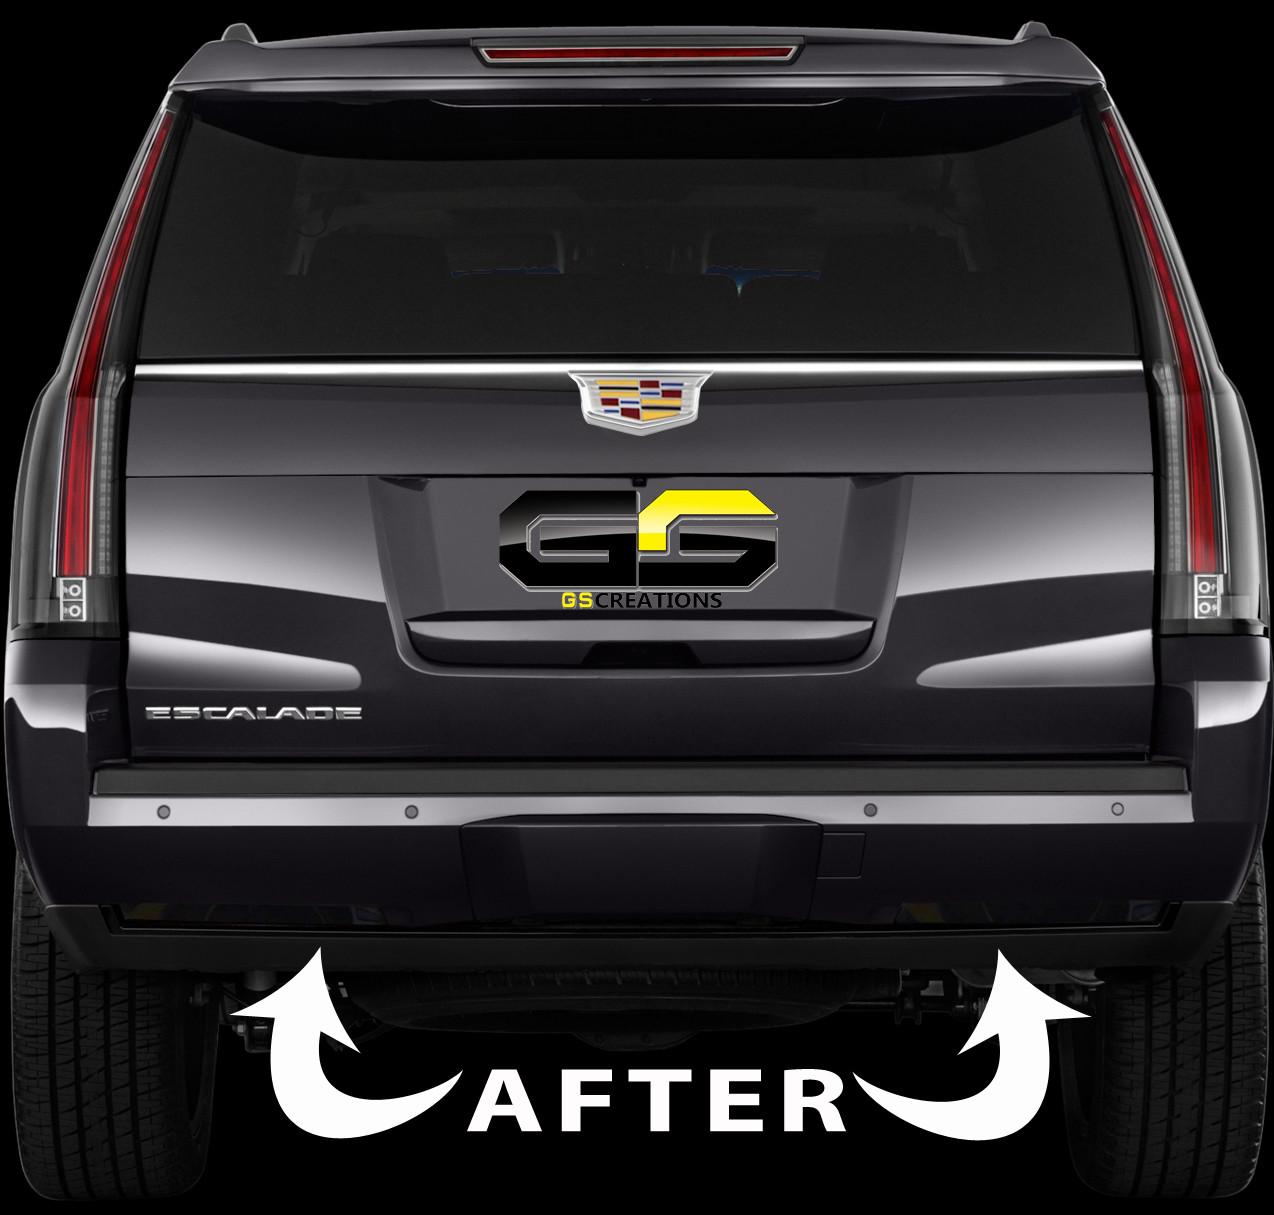 6Th Gen Camaro >> 2015 - 2018 Cadillac Escalade Rear Bumper Reflector Blackout Lens Cover Kit - GScreations